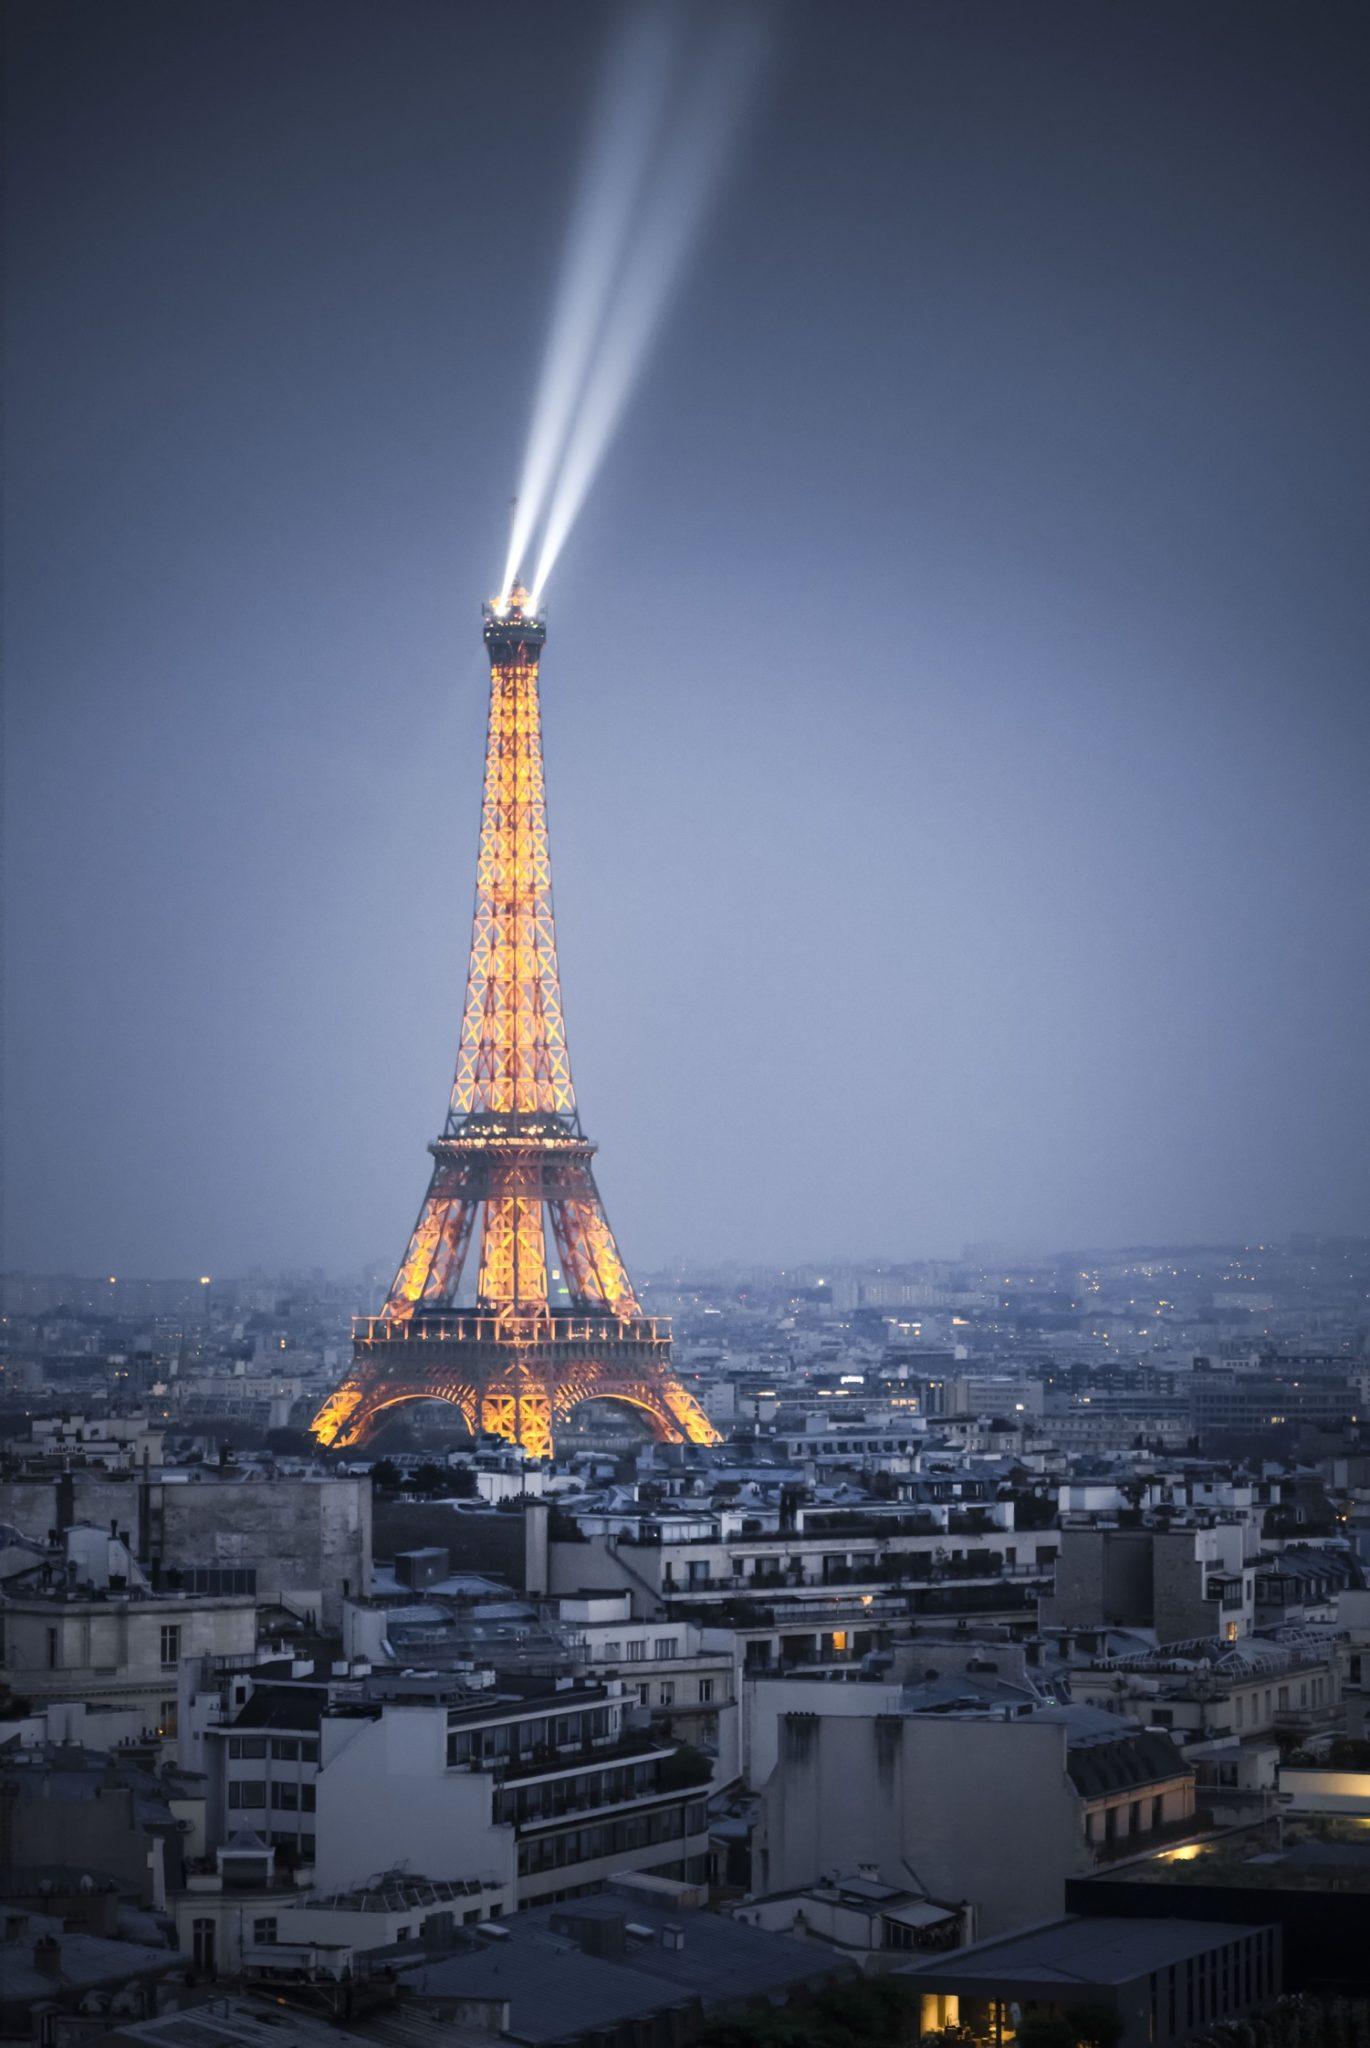 Tour Eiffel à l'heure bleue illustrant la sensibilité ISO